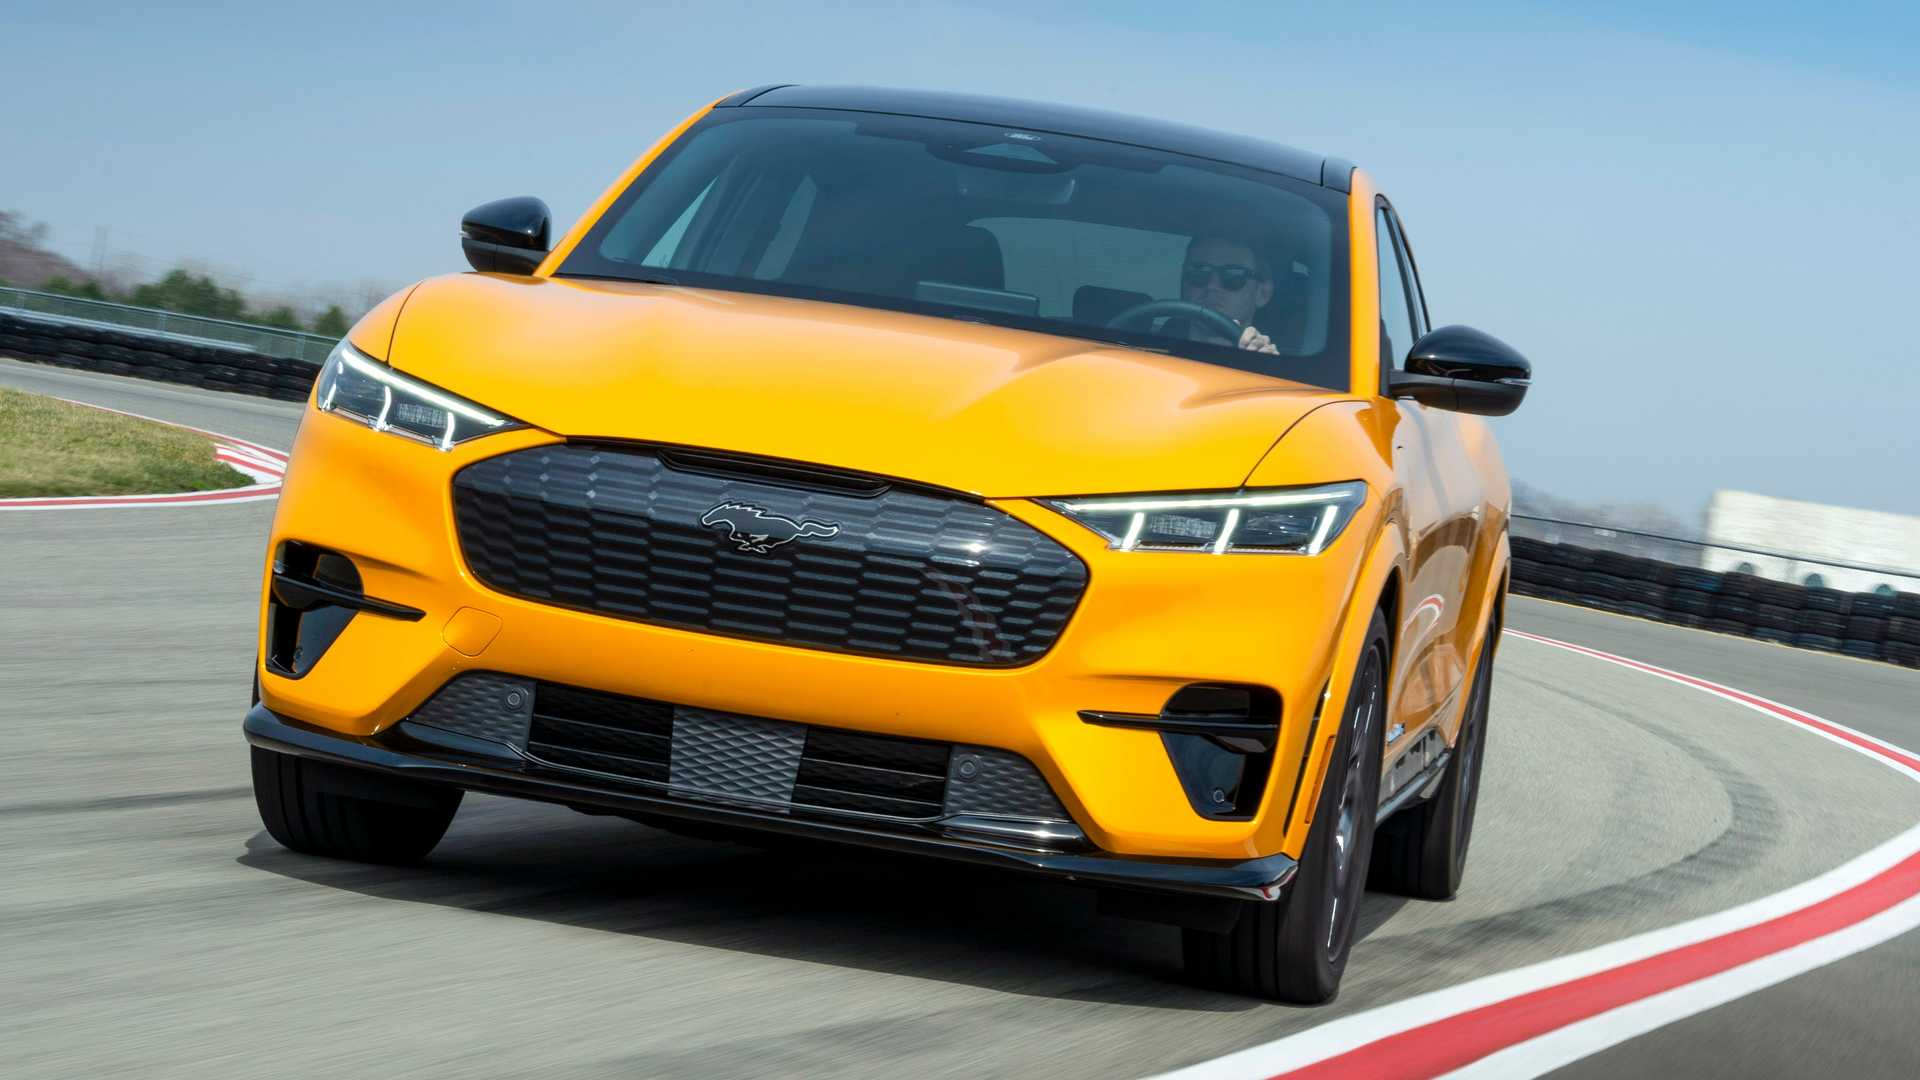 Chỉ dành cho những người mua xe điện Mach-E hoài cổ, Ford đã tạo ra một loại nước hoa có mùi xăng - 1